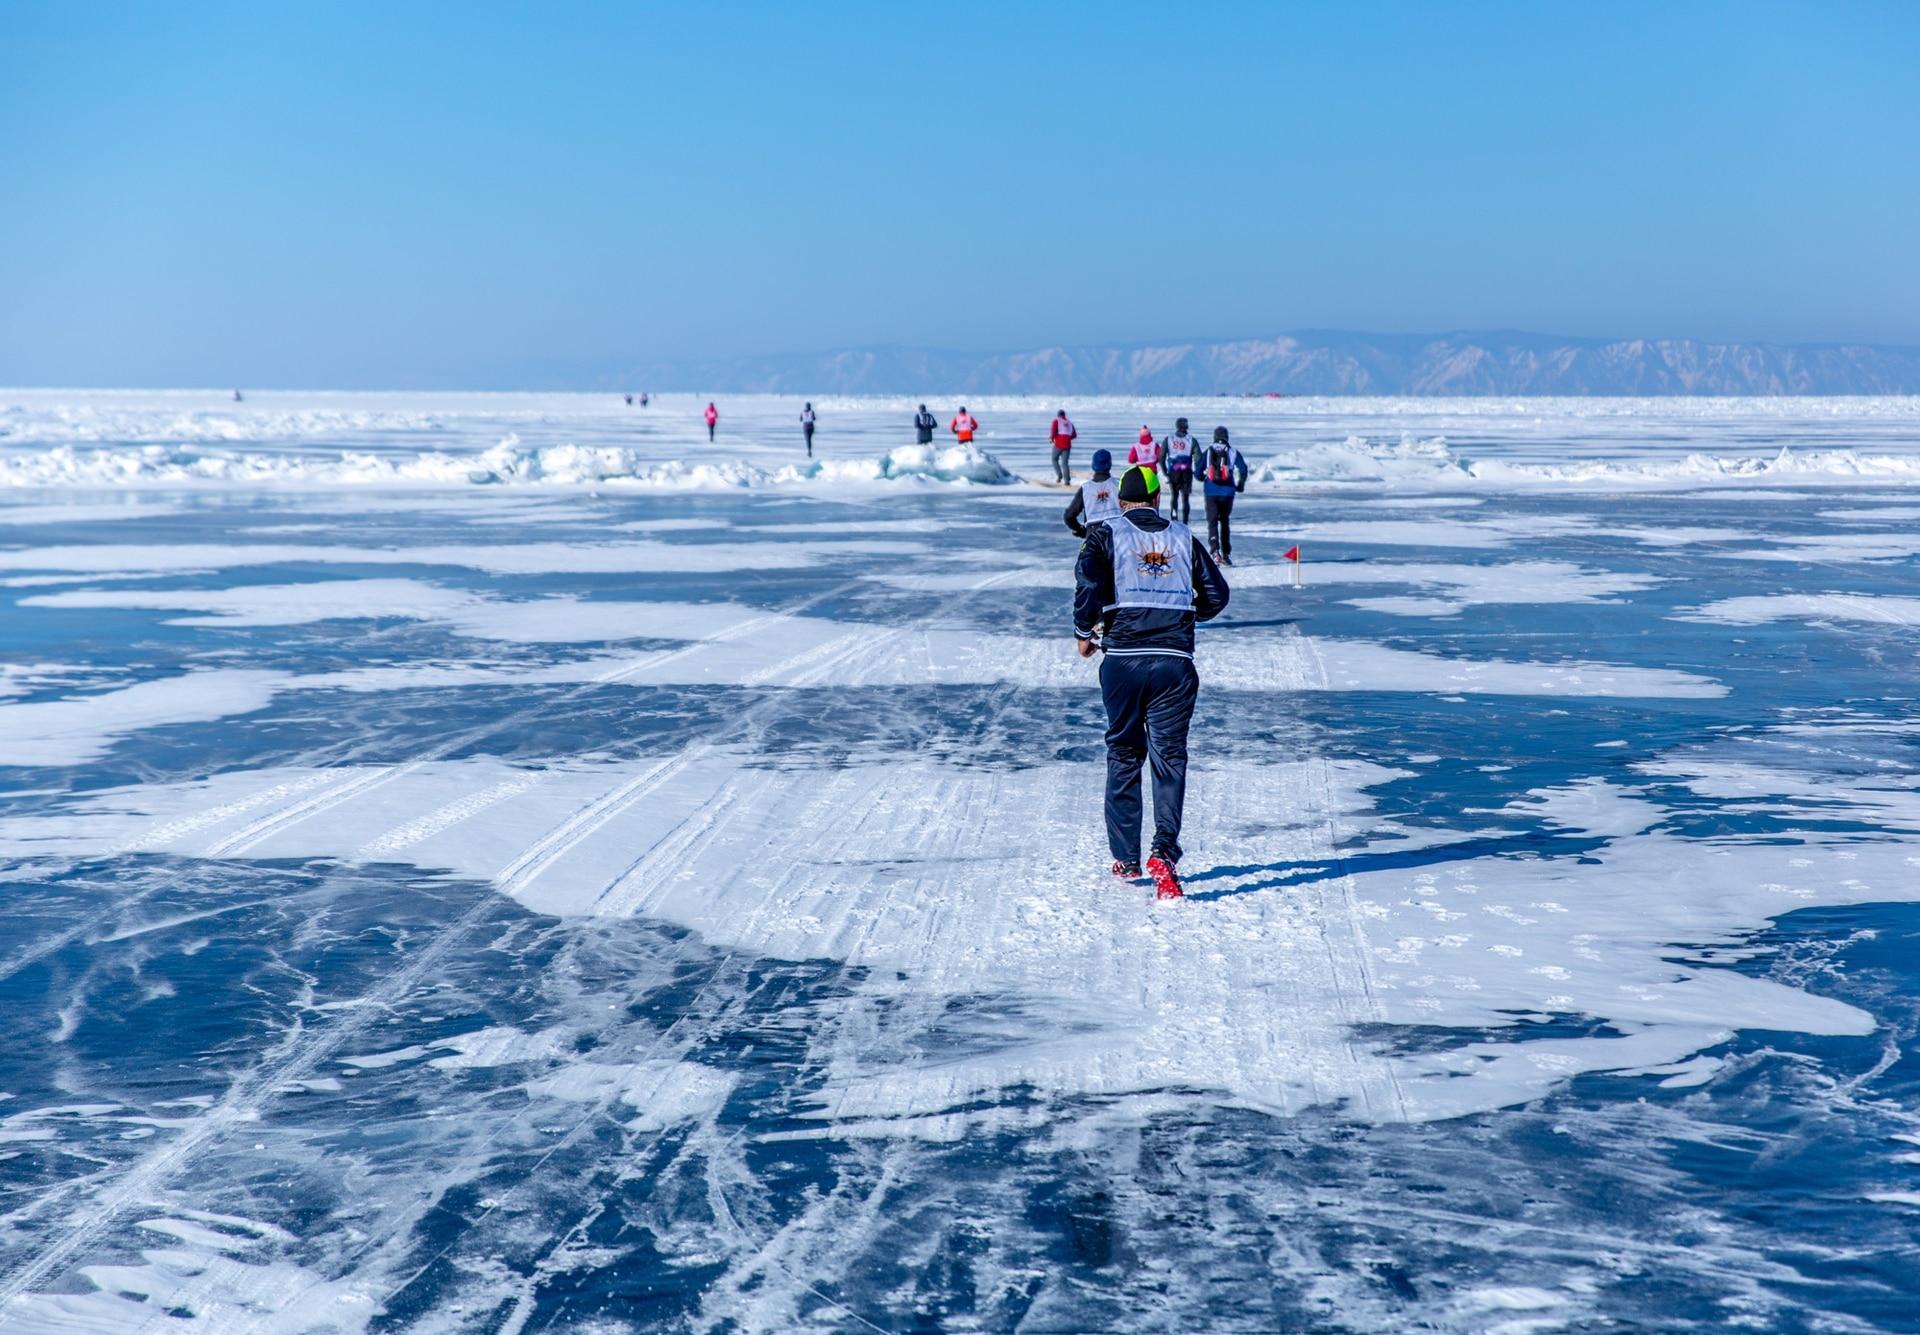 Algunos tramos de la carrera se realizan directamente sobre hielo.